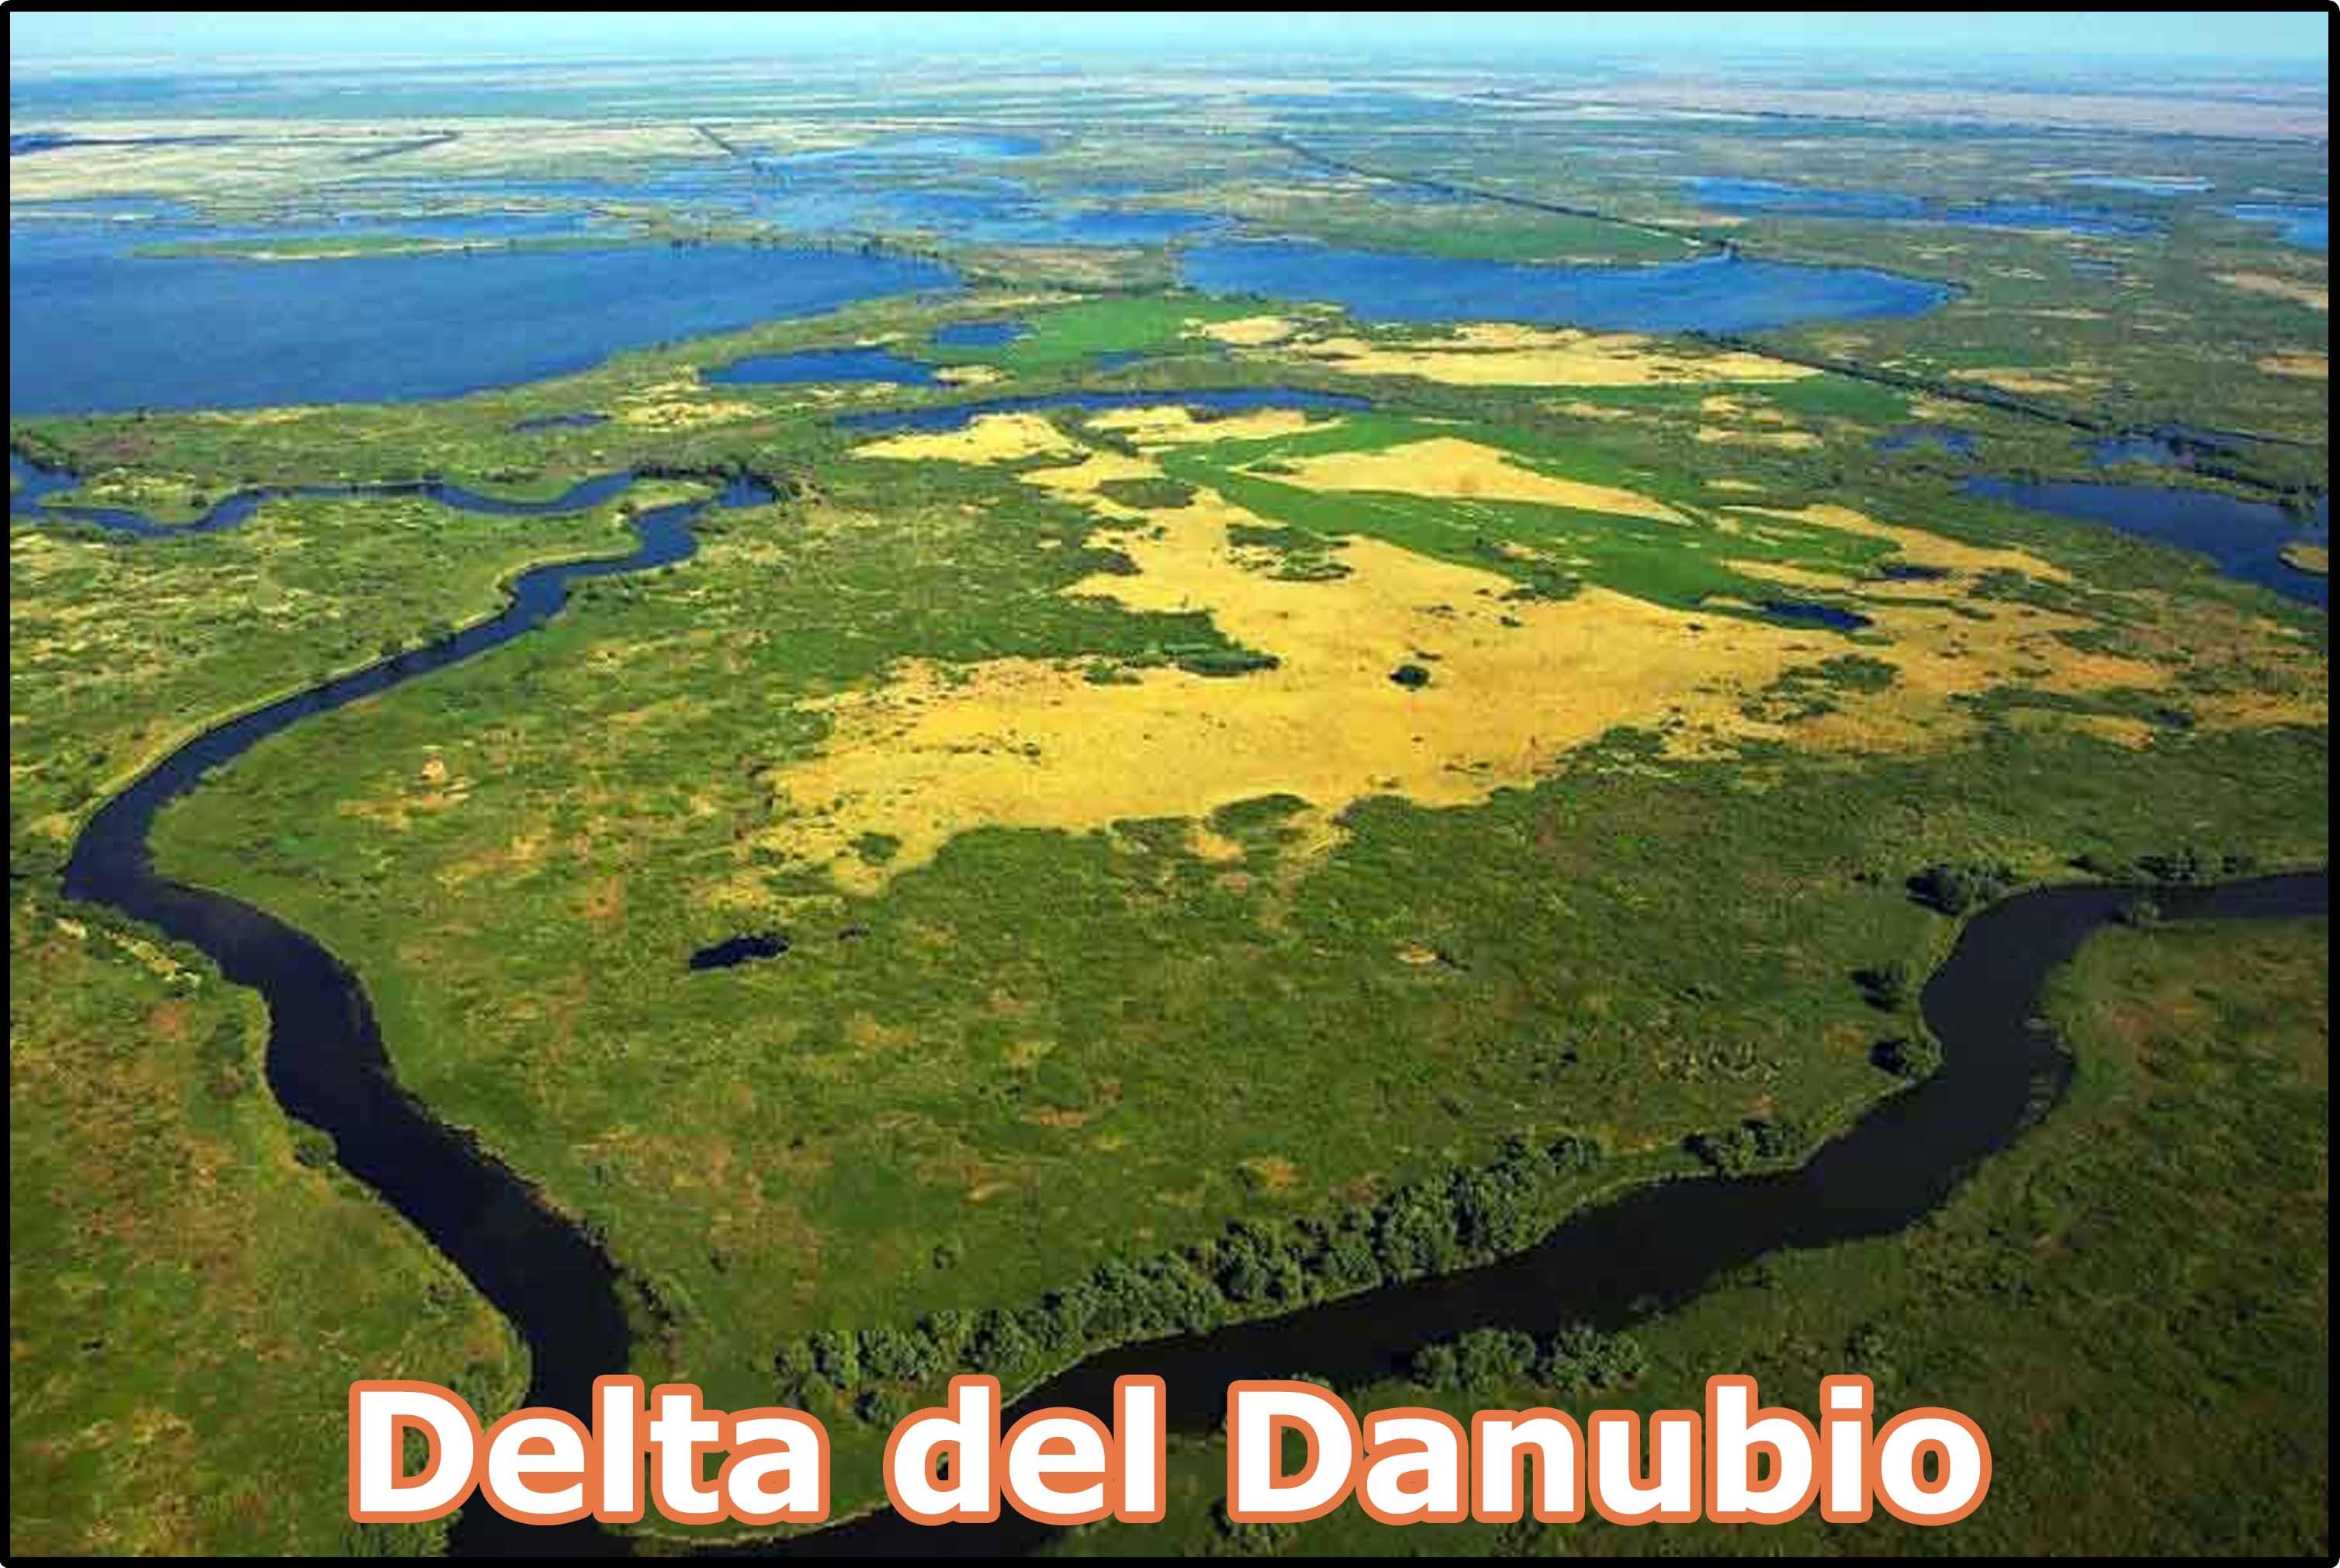 DeltaDanubio2